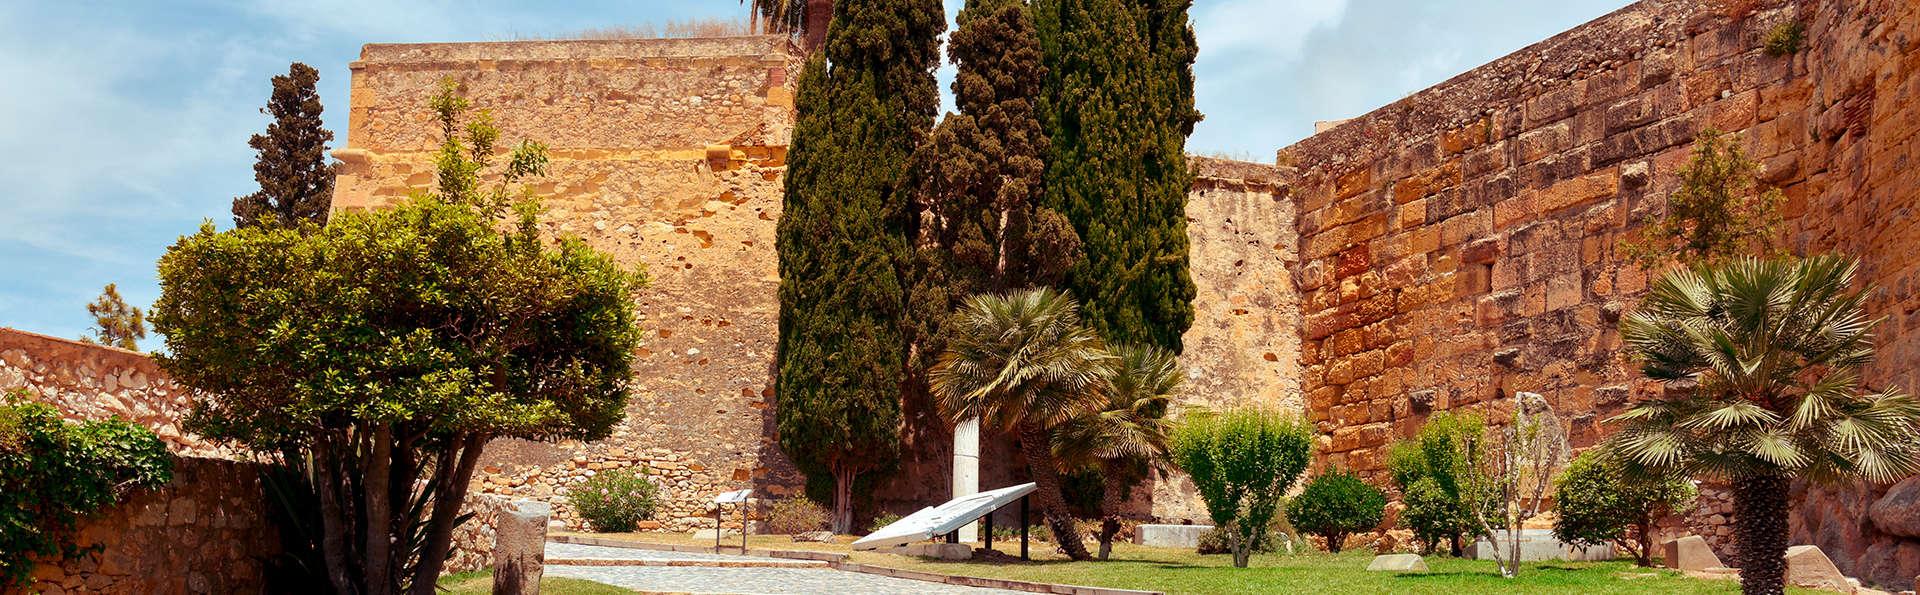 Mas Boronat - EDIT_NEW_Tarragona3.jpg